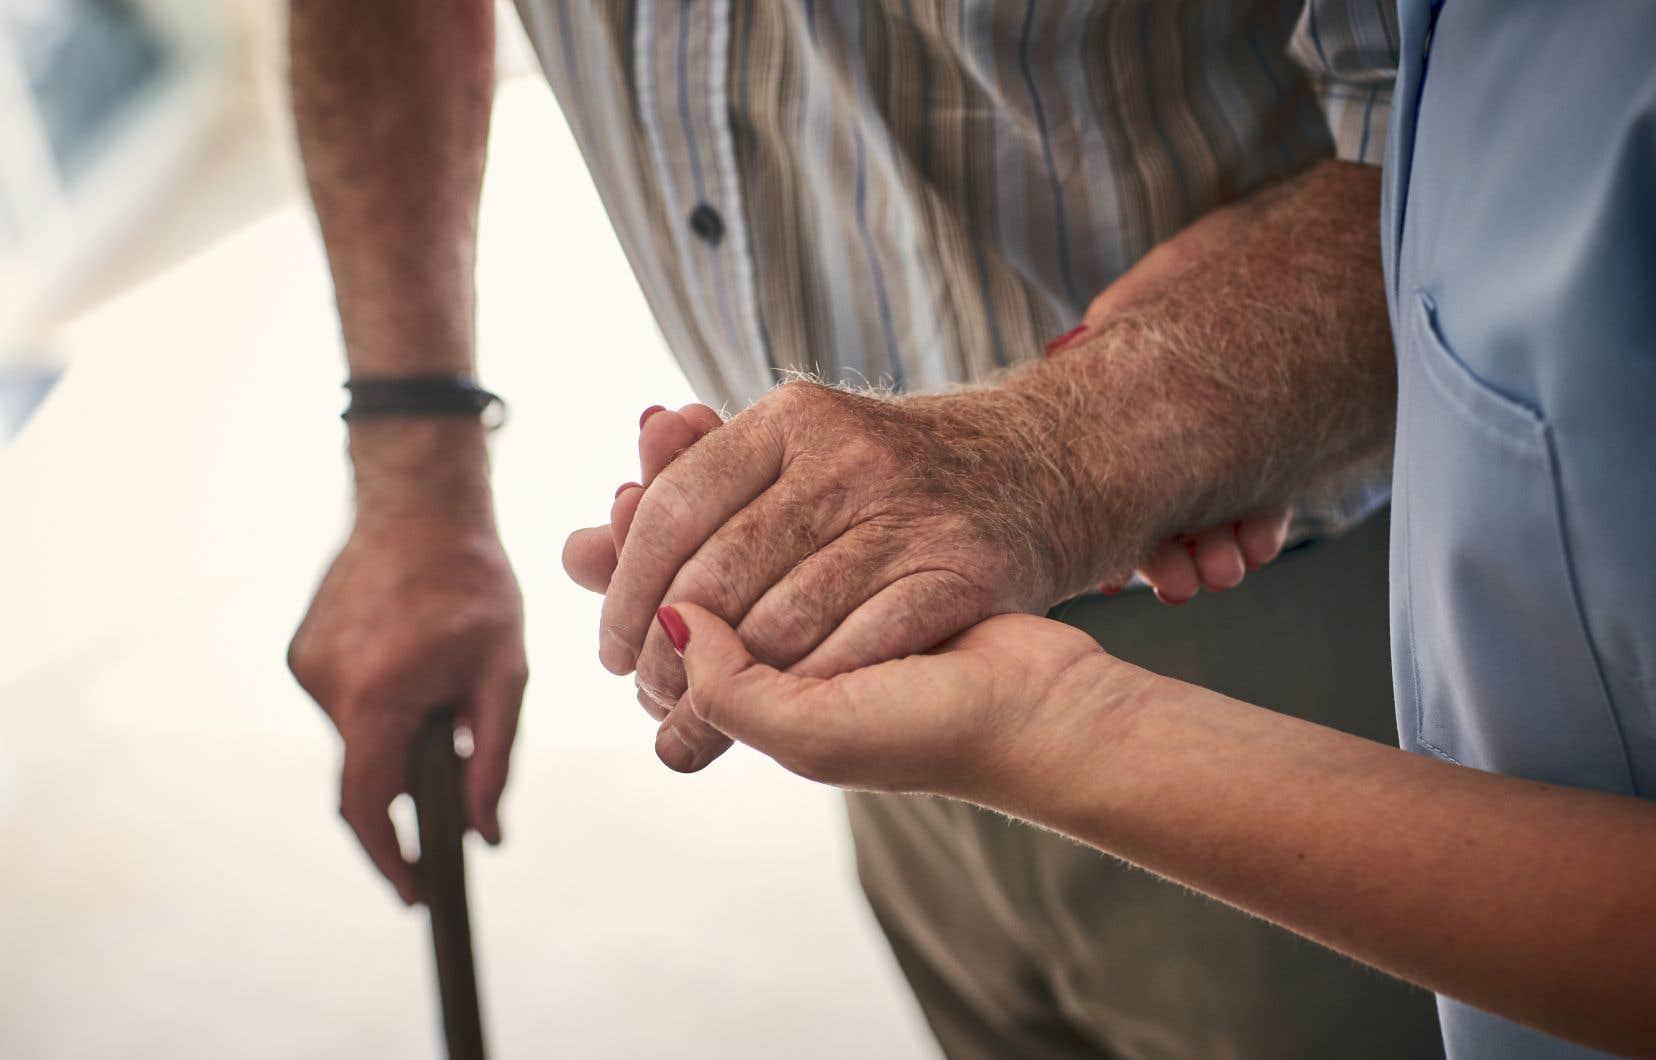 «Hélas, le Québec n'investit que 17 % de son budget de soins de longue durée dans l'aide à domicile, comparativement à 73 % et 43 % respectivement au Danemark et en France, selon l'OCDE», souligne l'auteur.